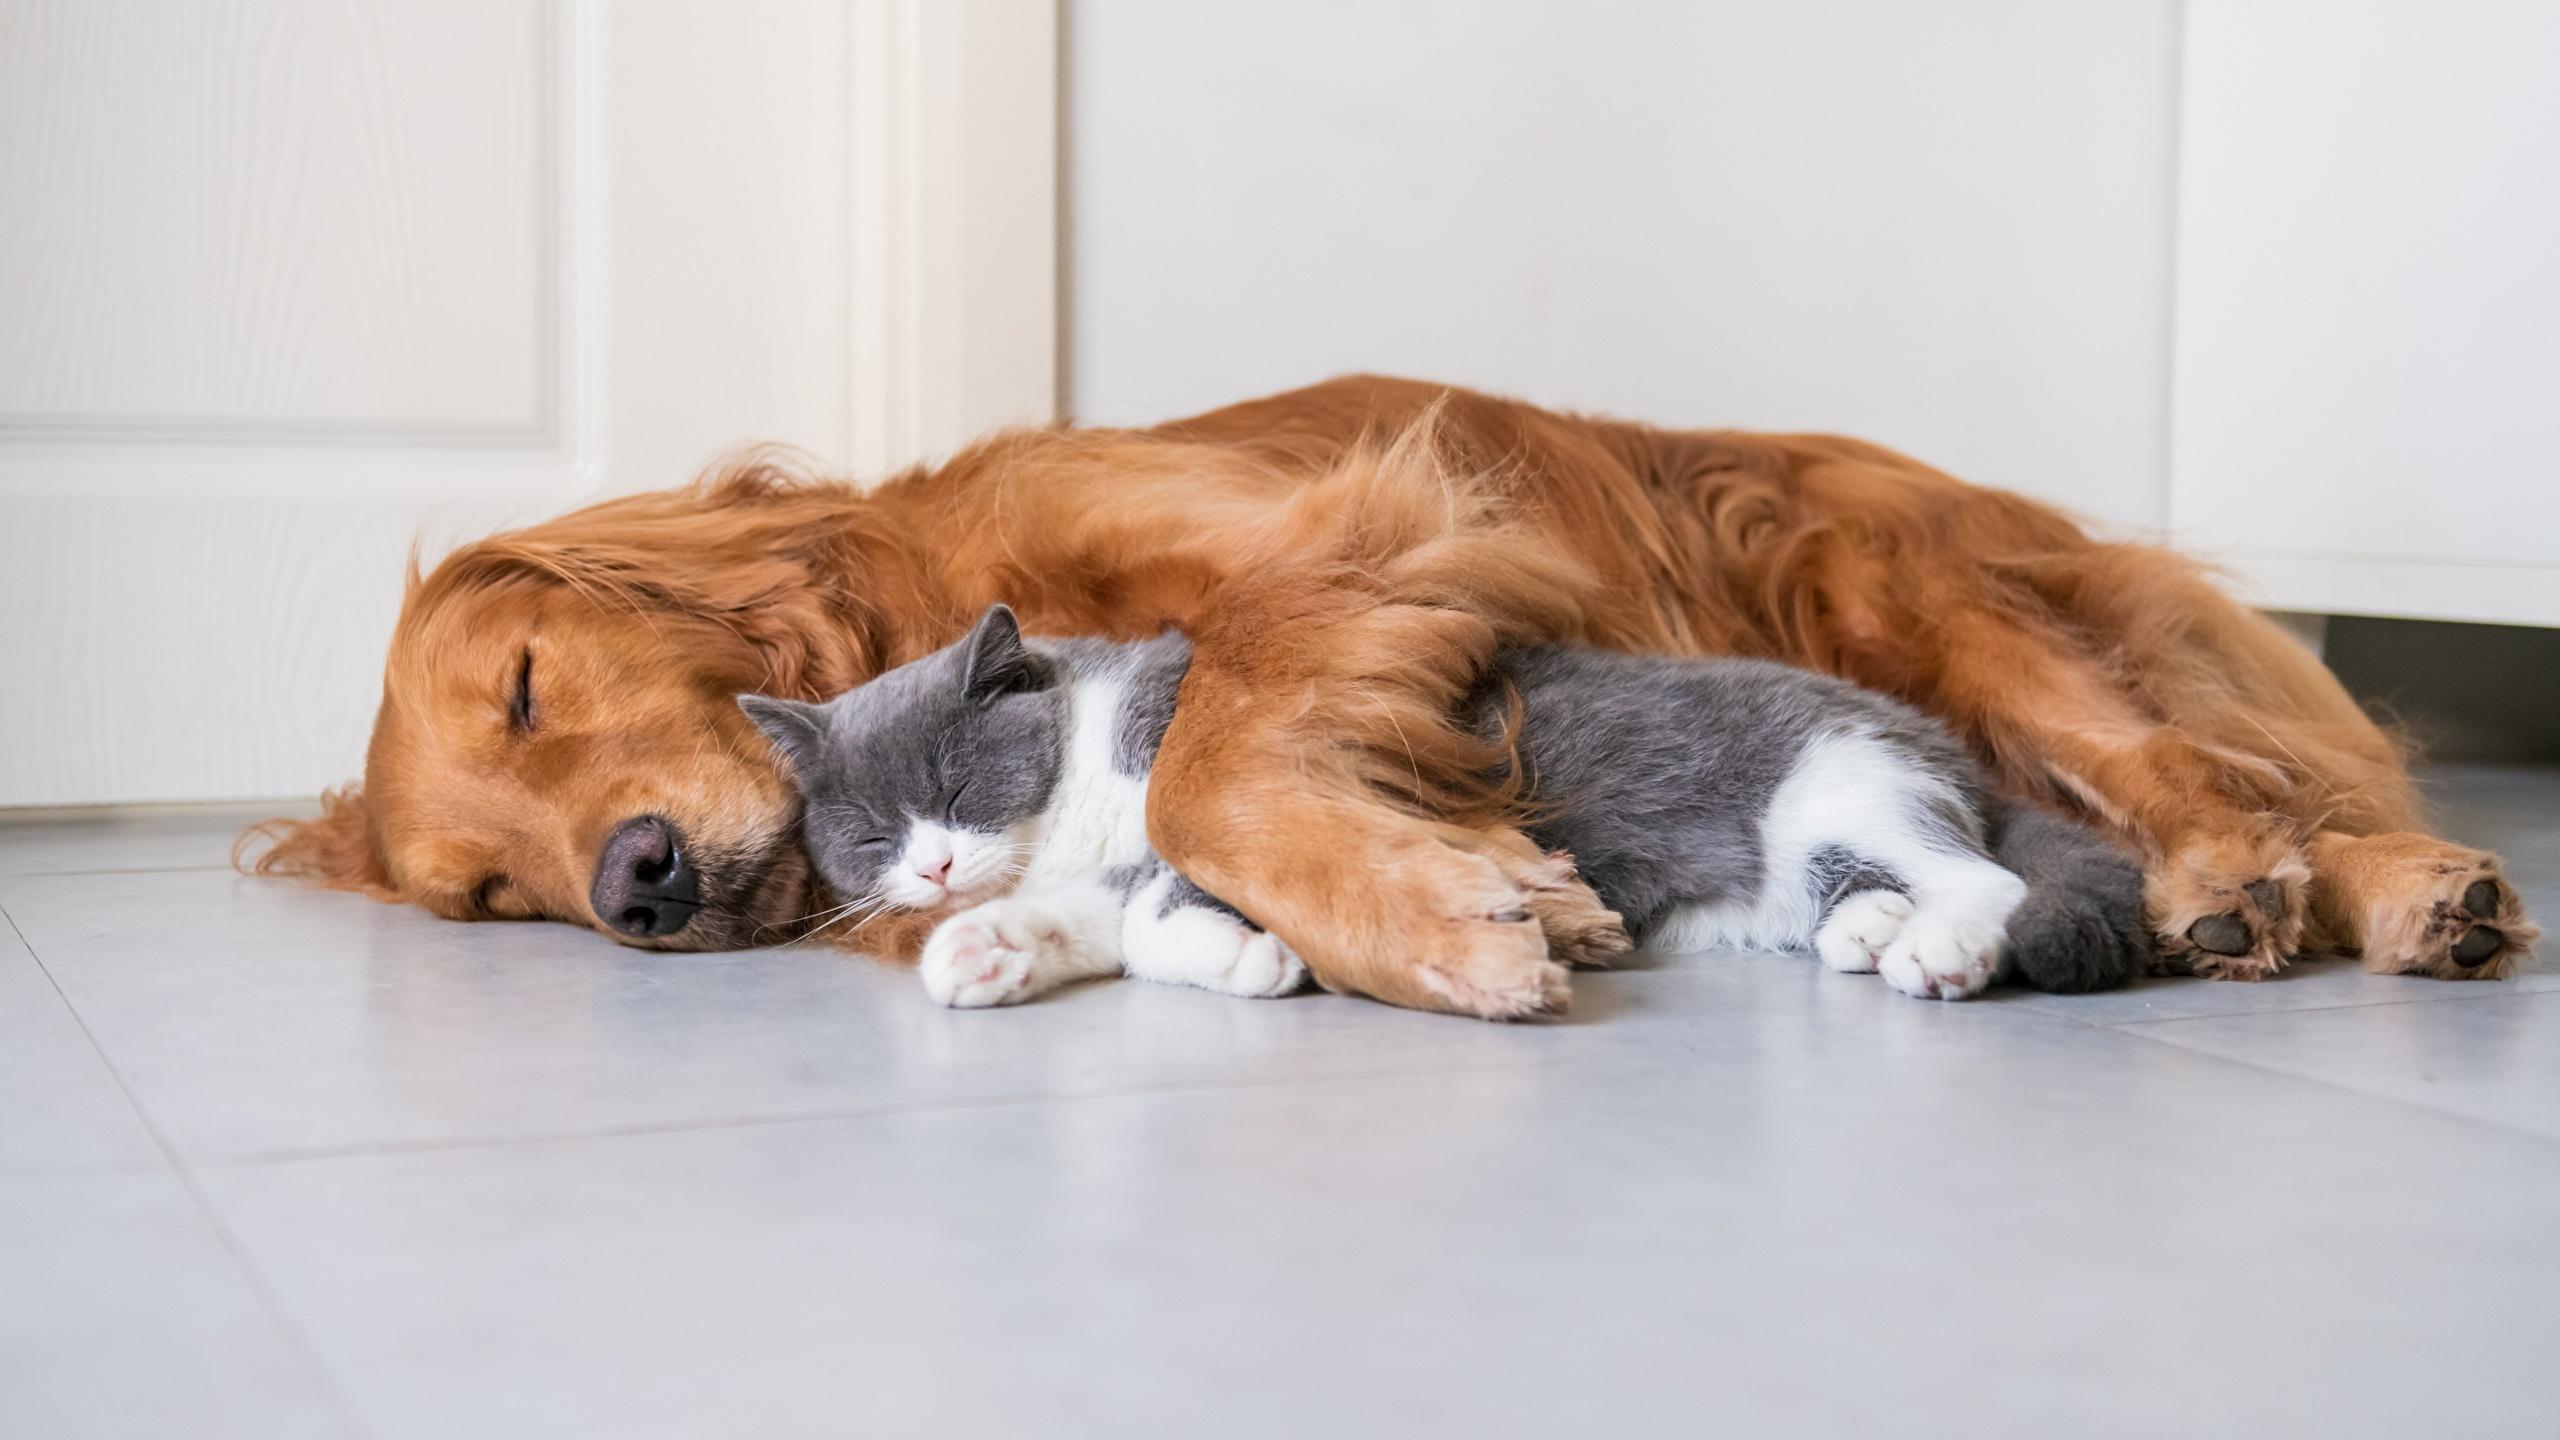 Обои для рабочего стола кот собака Лежит Двое спят животное 2560x1440 коты кошка Кошки Собаки лежа лежат лежачие 2 два две сон Спит вдвоем спящий Животные